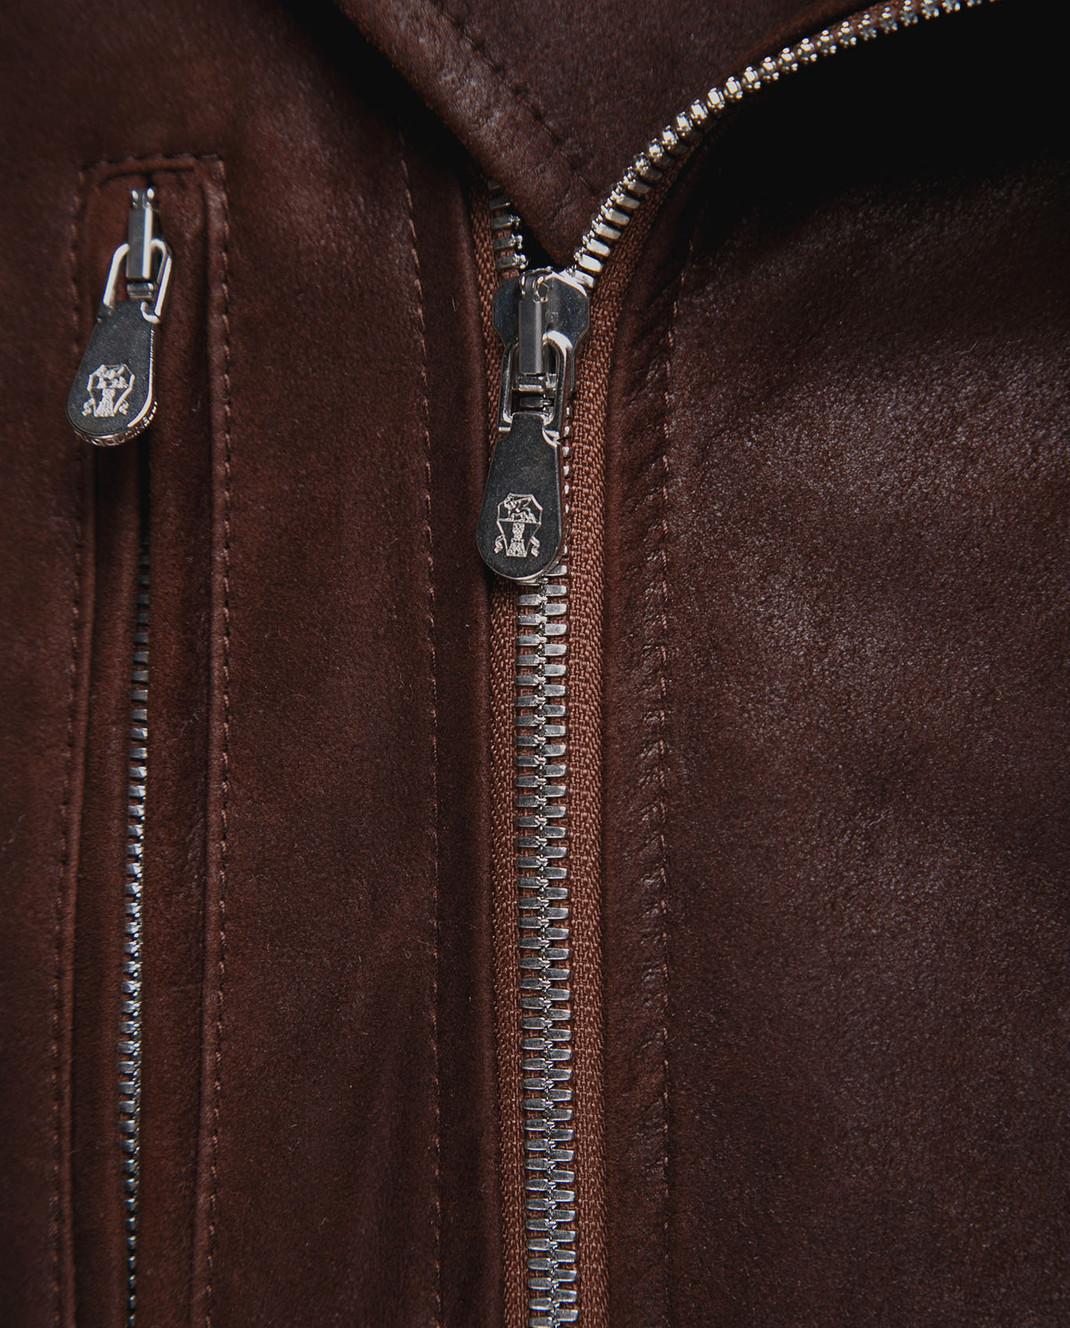 Brunello Cucinelli Коричневая кожаная косуха MPCOU1575 изображение 5